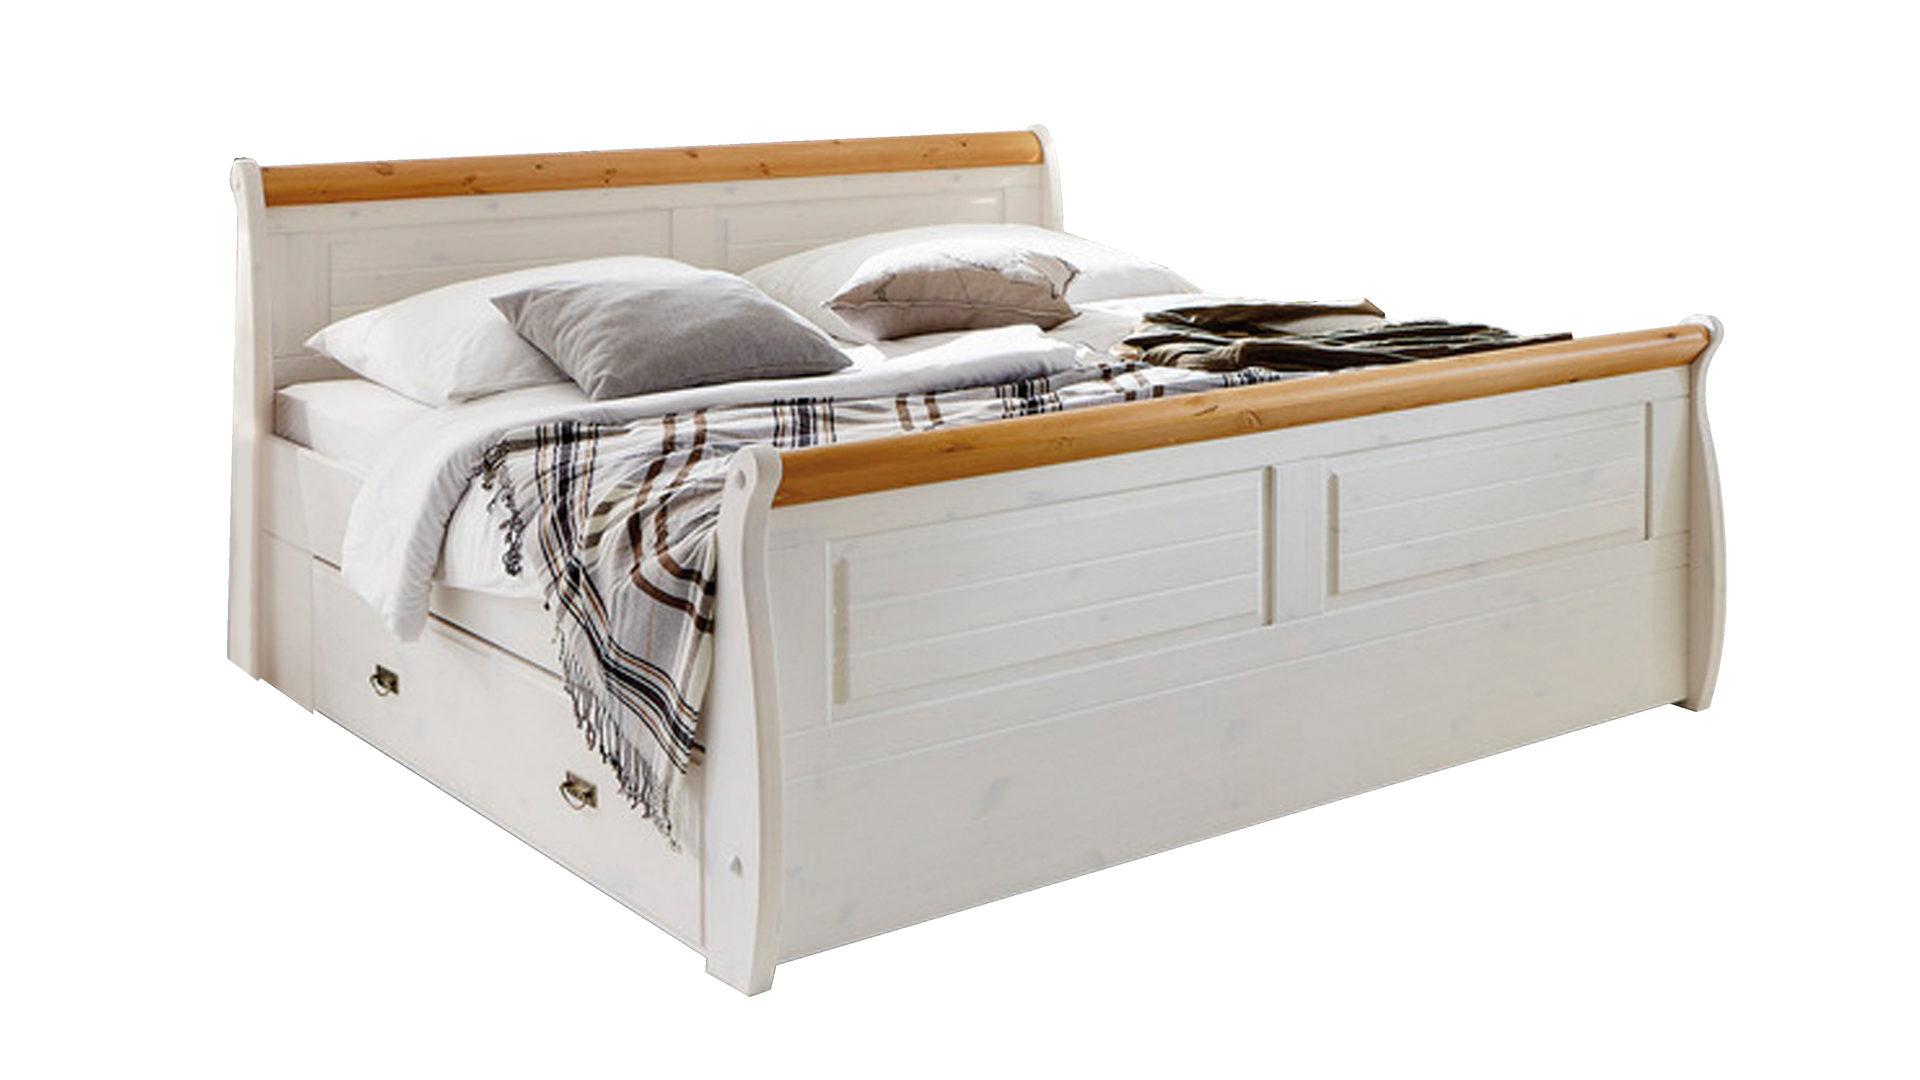 3s Frankenmöbel Bettgestell Kiefer Weiß Honigfarben Gewachst Liegefläche Ca 180 X 200 Cm